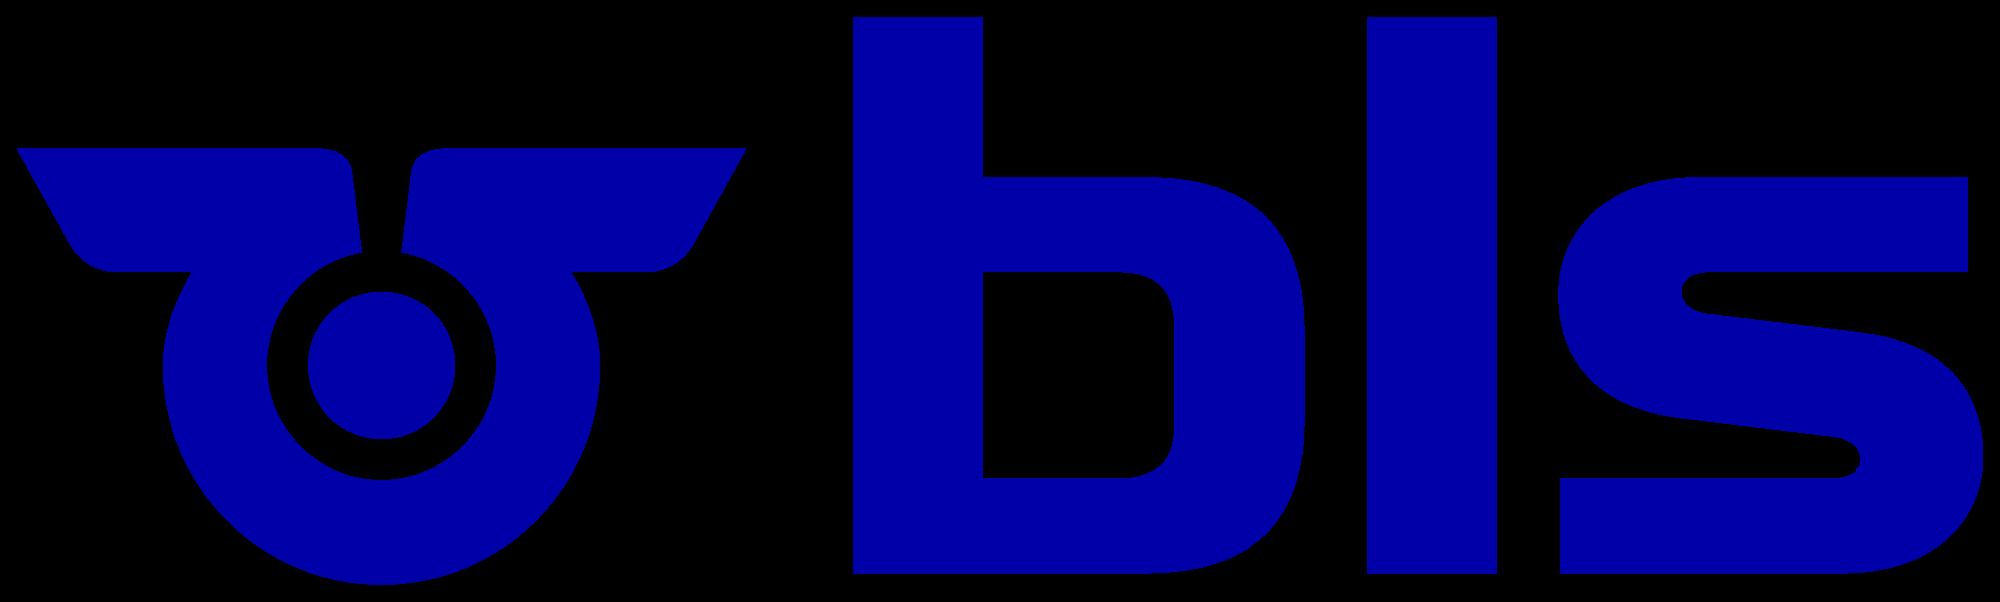 File:BLS AG logo.svg.